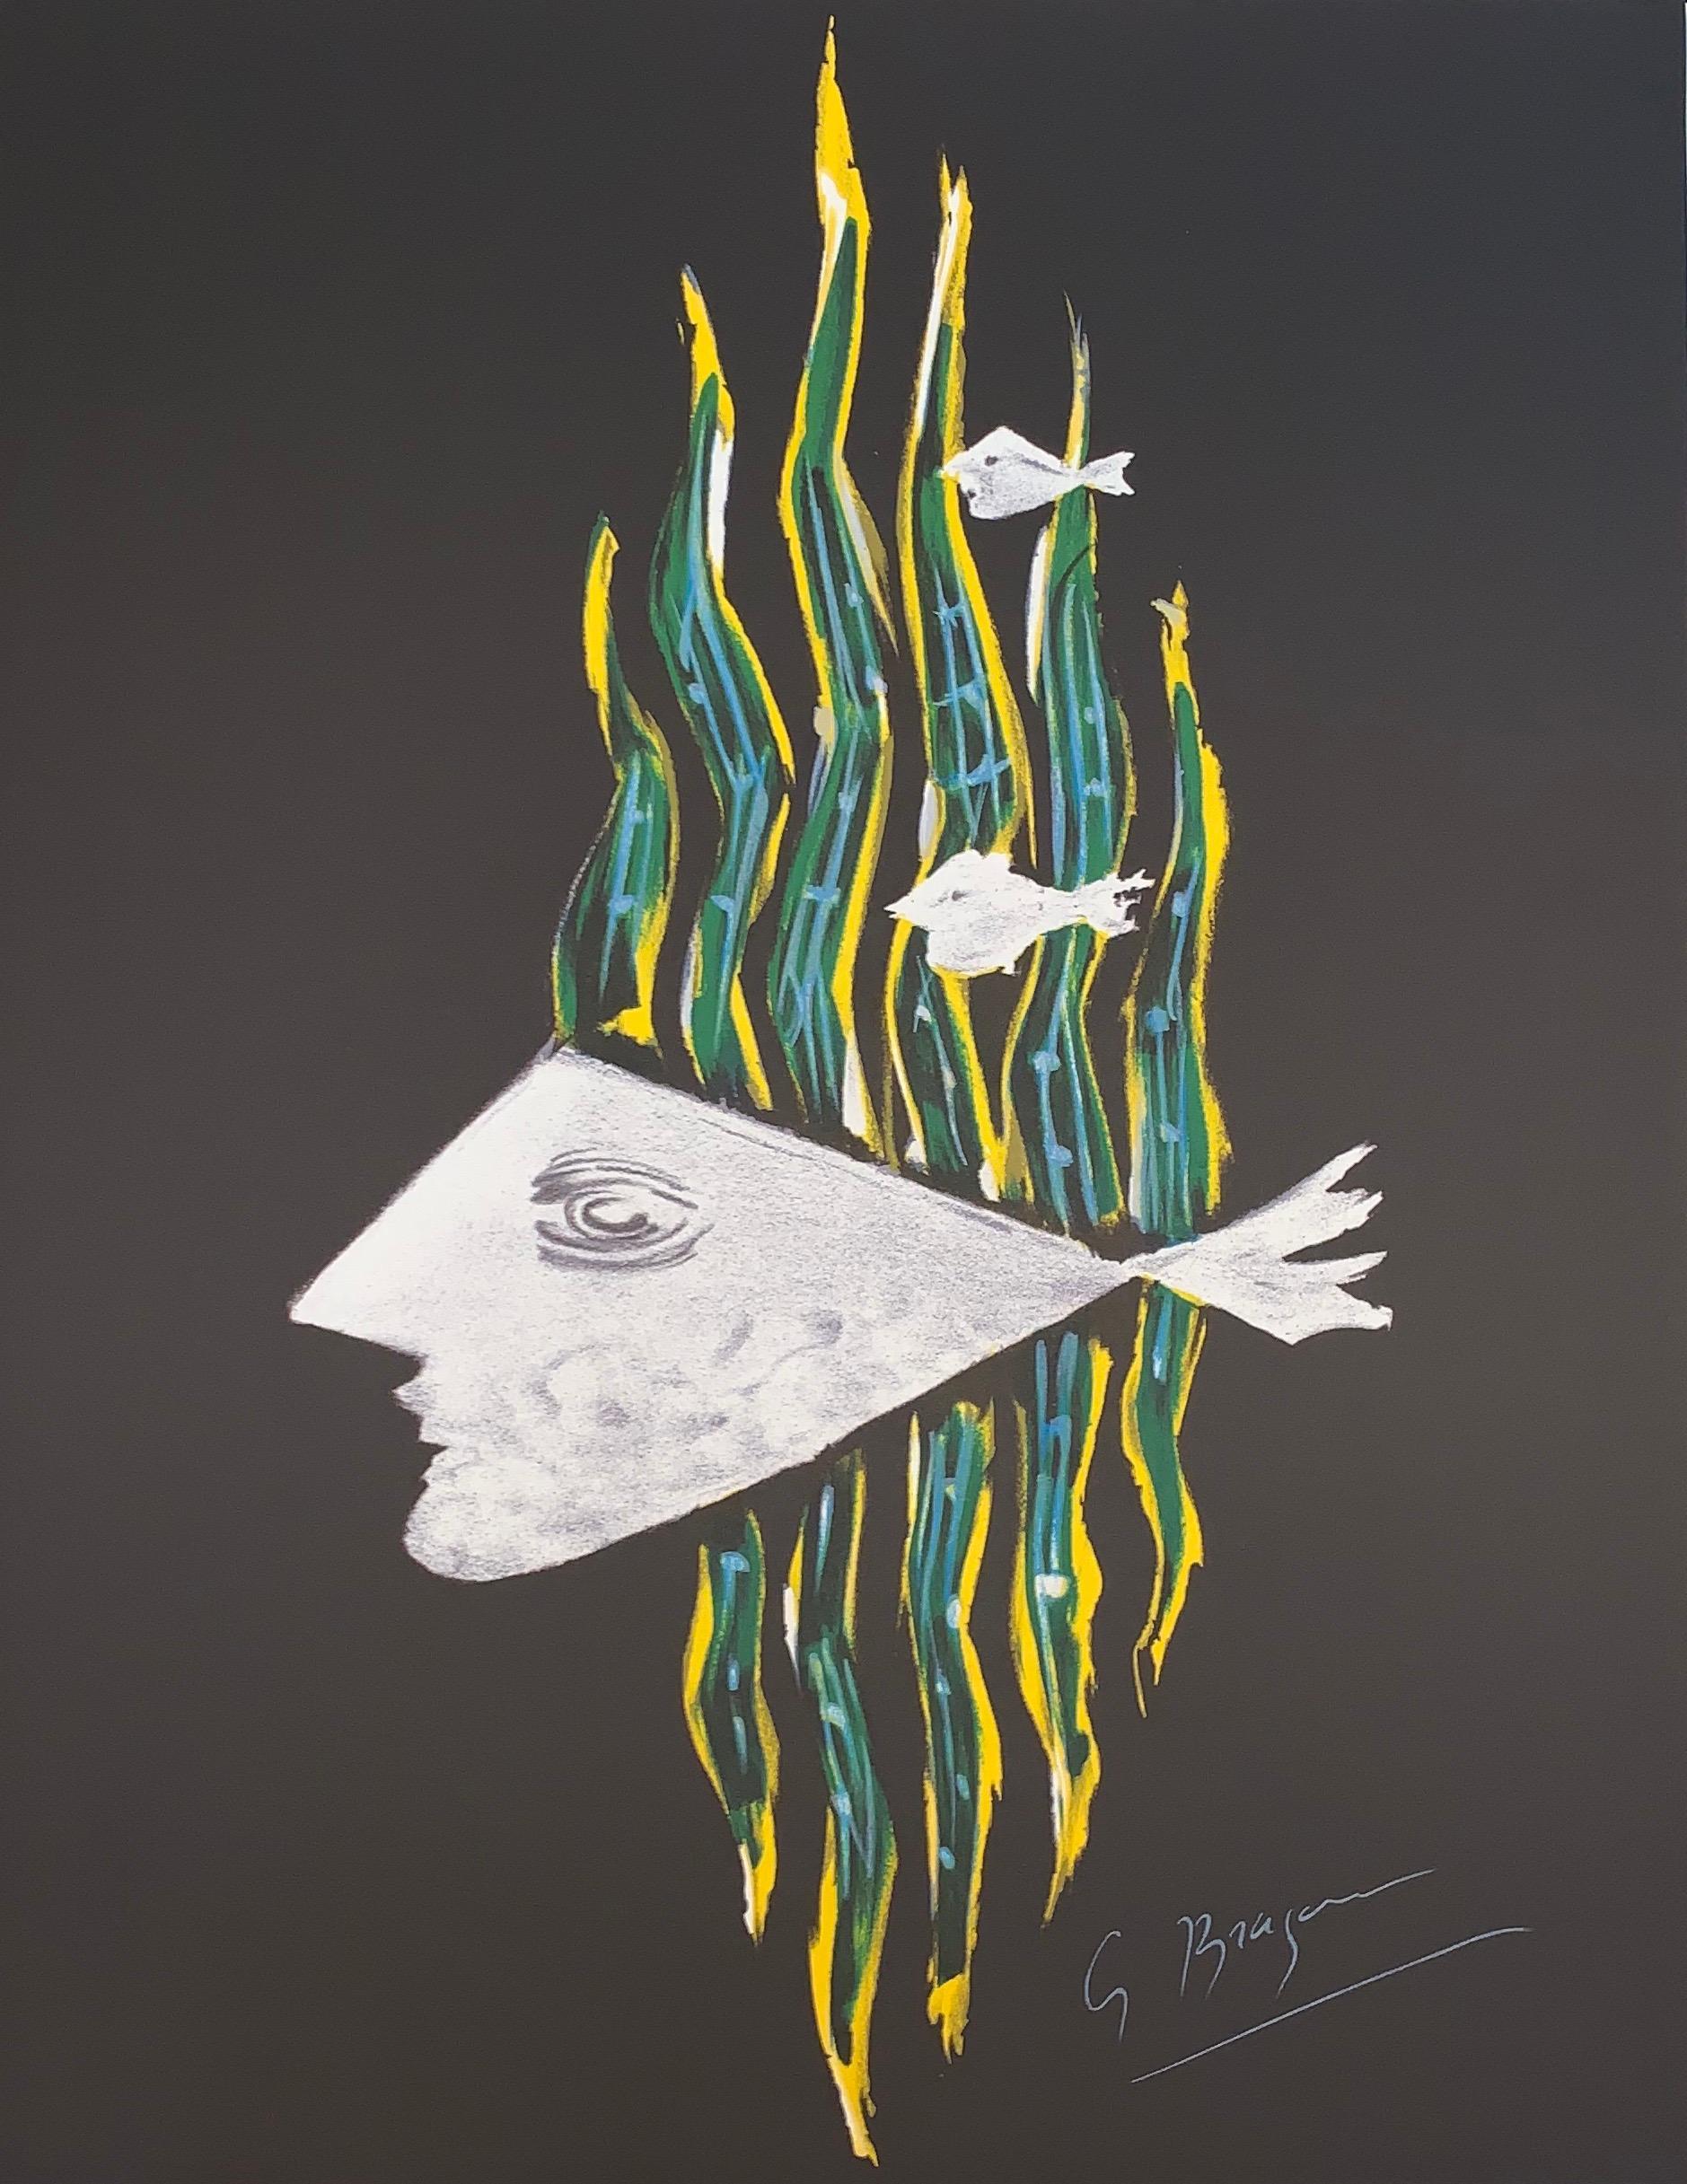 Hébé - after Georges Braque - Lithograph - 1988 - Figurative Print